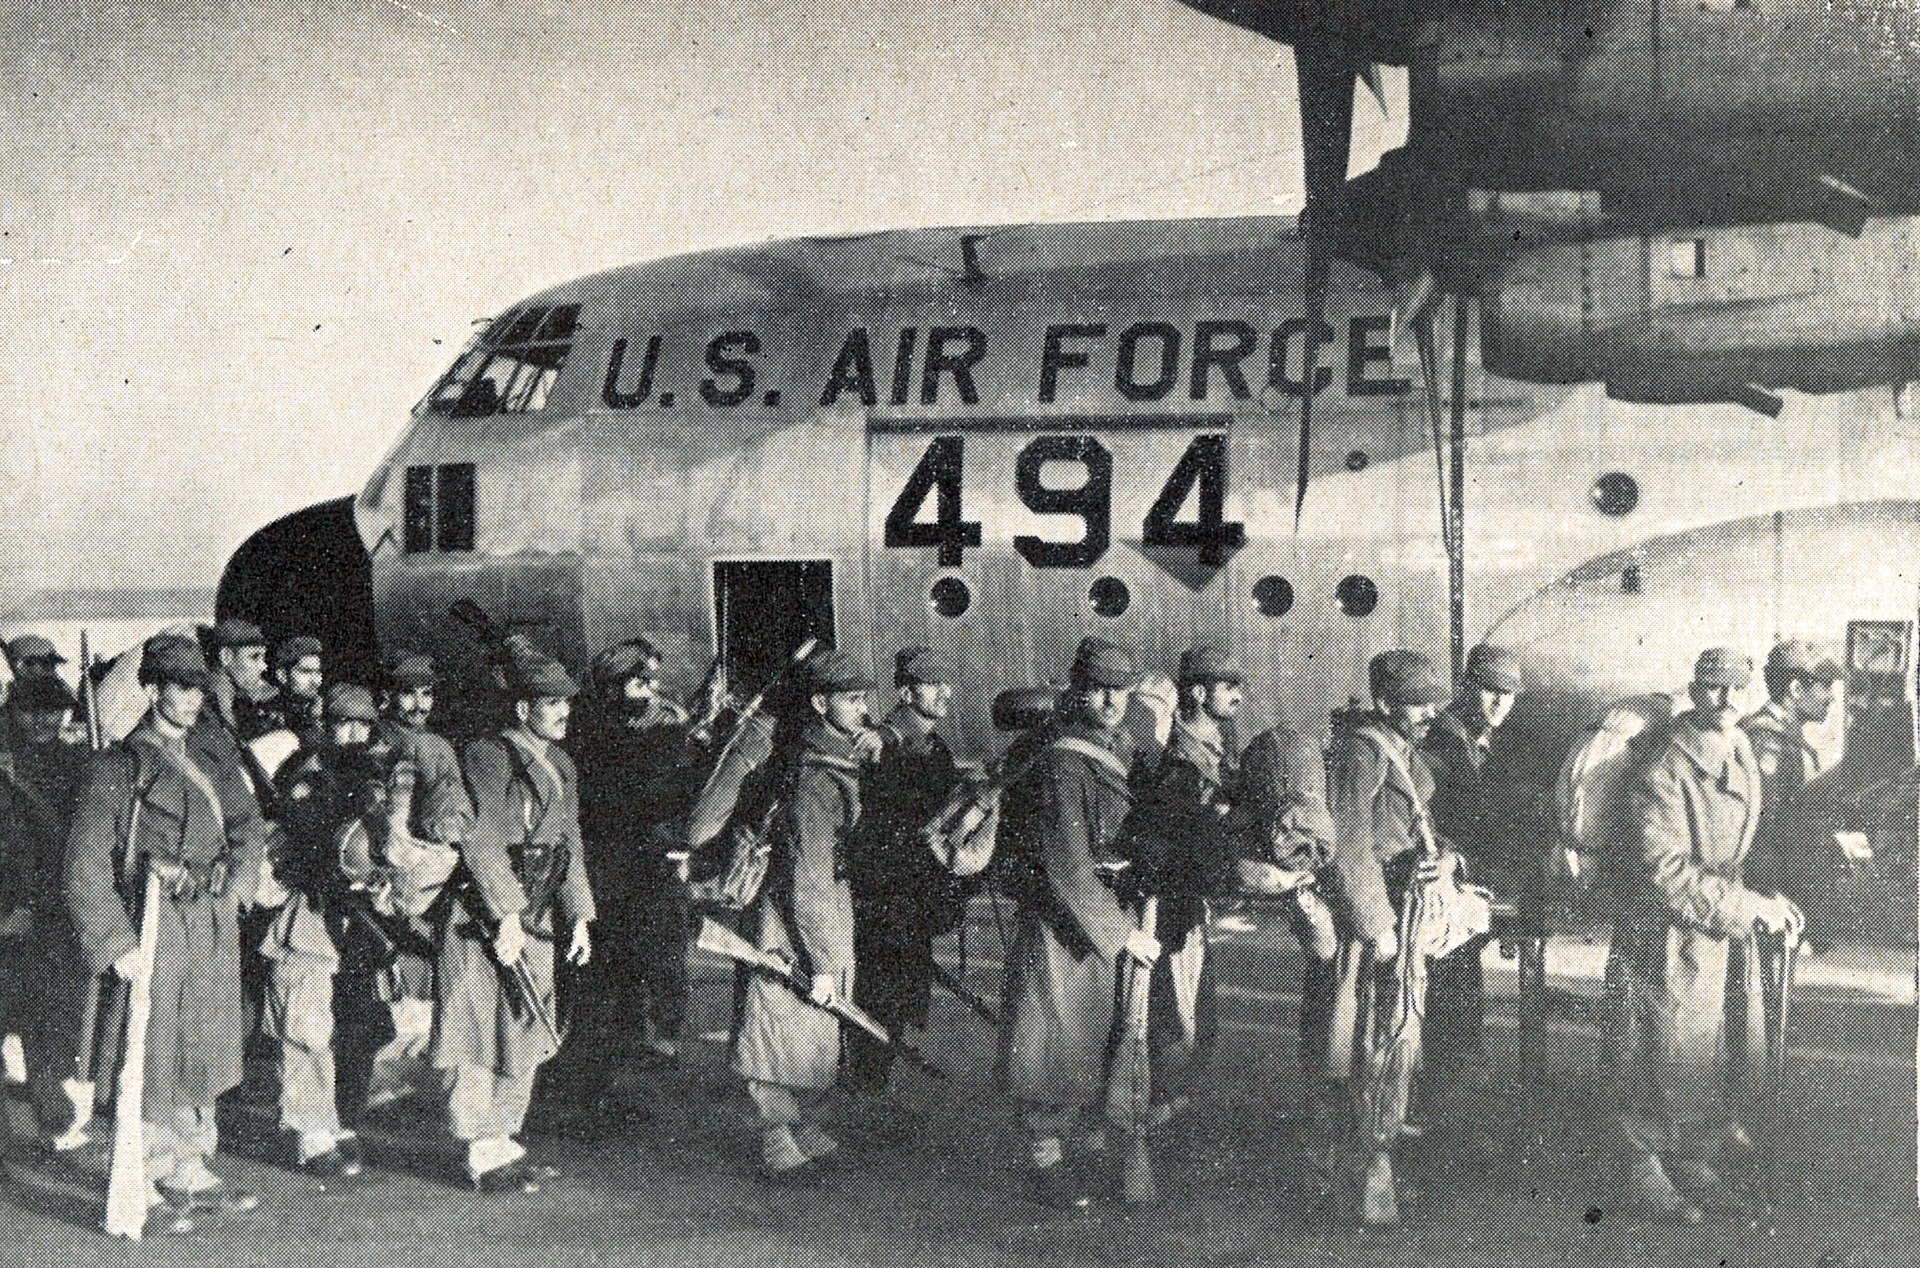 Les Forces Armées Royales au Congo - ONUC - 1960/61 32196314512_295d280923_o